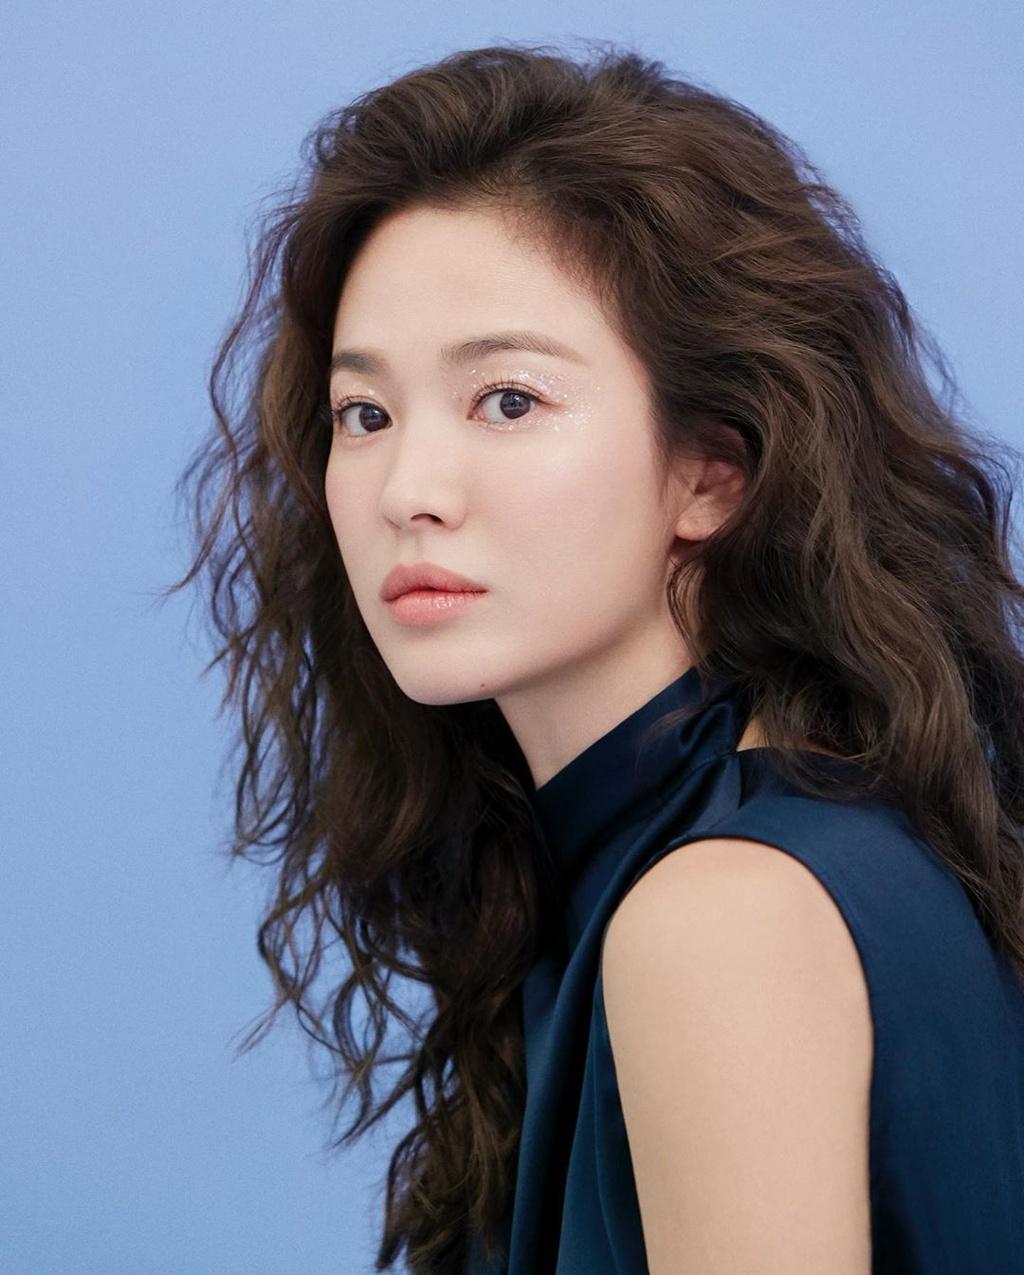 Song Hye Kyo duoc khen dep khi de toc xoan hinh anh 2 song_hy_kyo.jpg